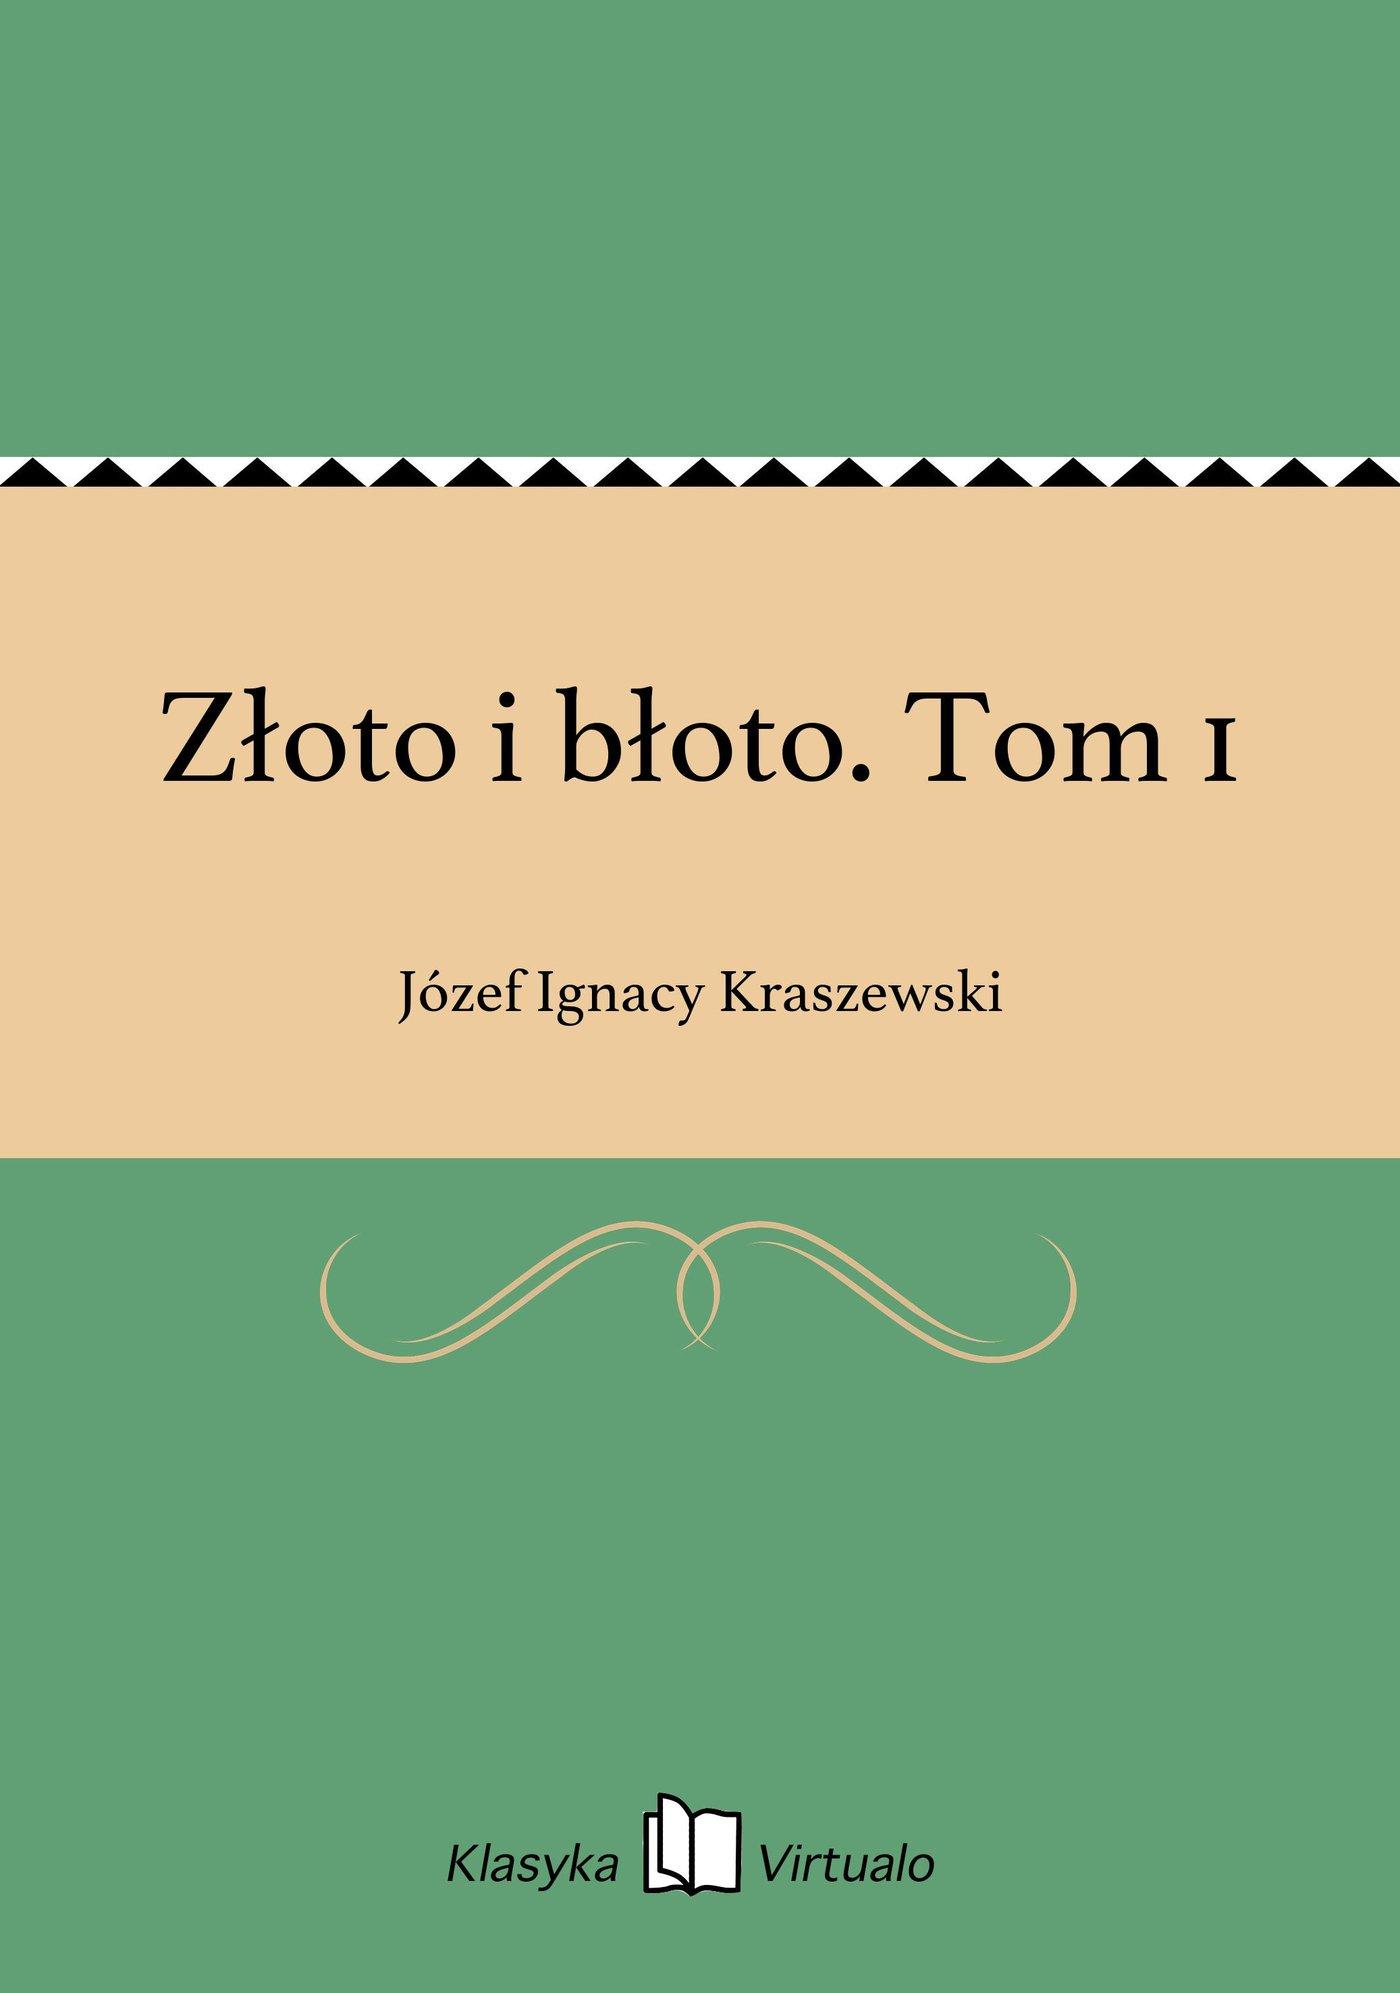 Złoto i błoto. Tom 1 - Ebook (Książka na Kindle) do pobrania w formacie MOBI